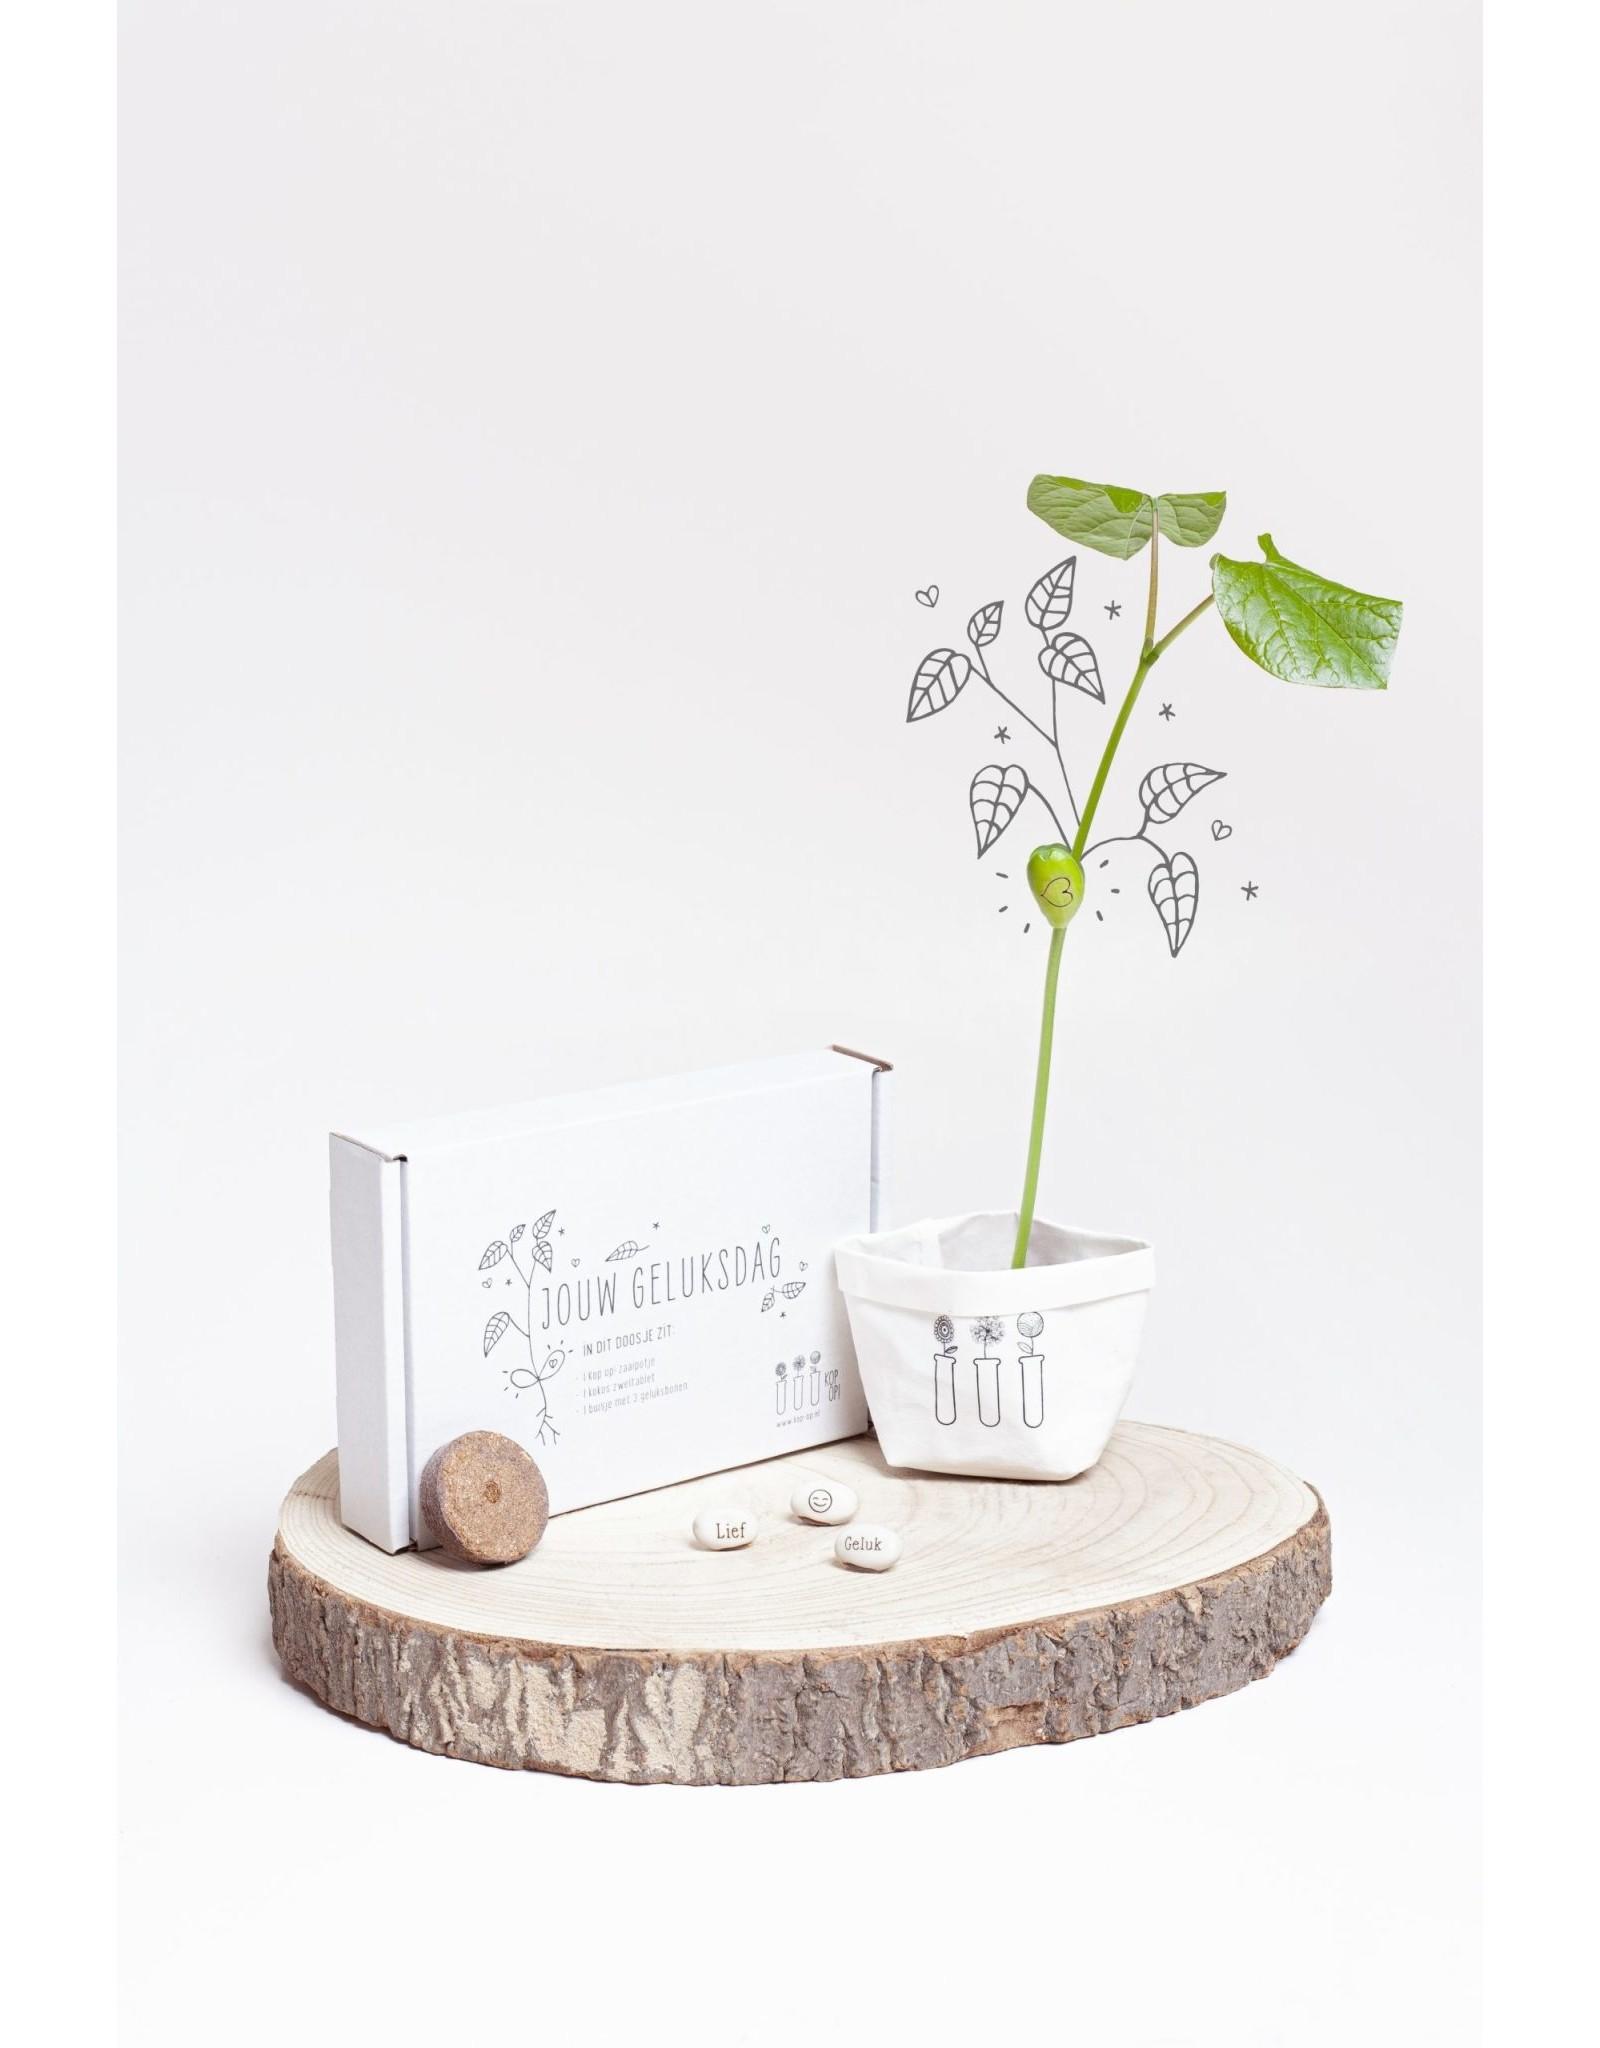 Kop op! Een lief klein doosje - Jouw Geluksdag! - Kop op! zaaidoosje, kokos zwel tablet,  1 buisje met 3 bonen - Doosje kan door de brievenbus